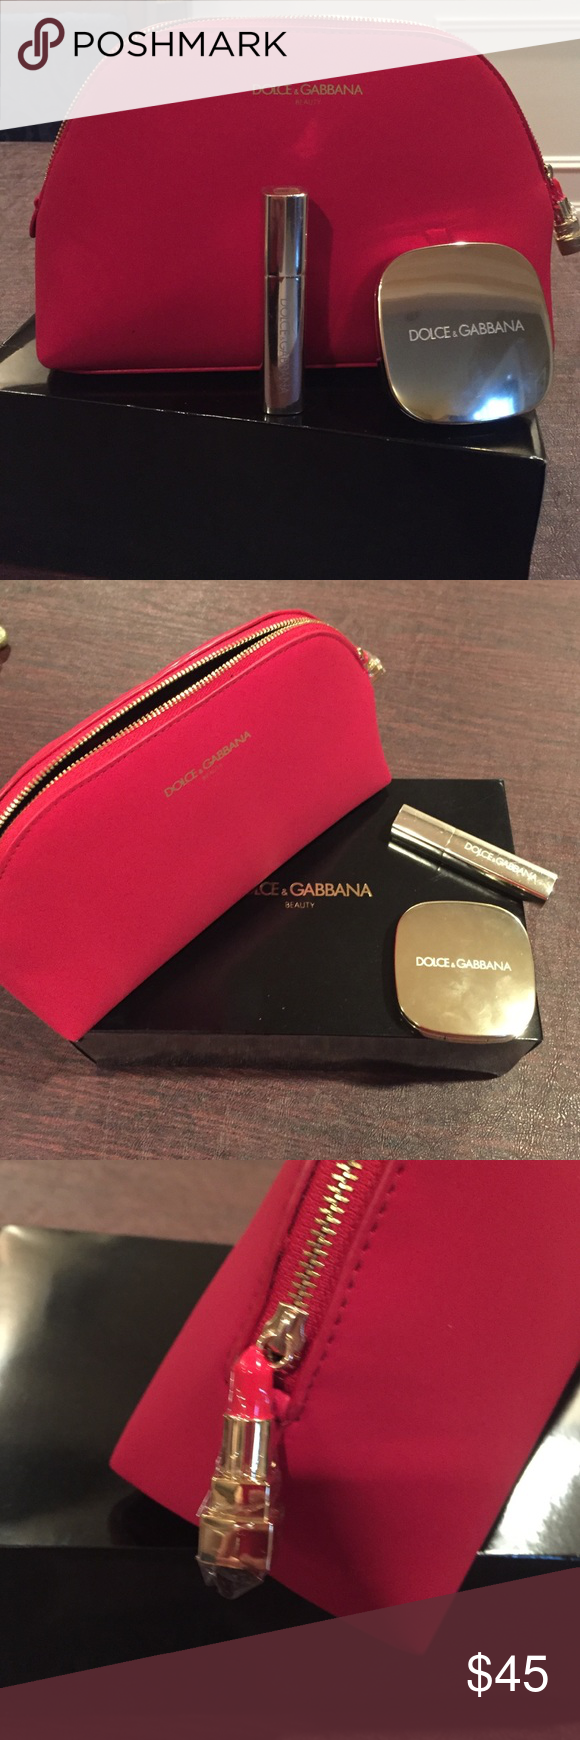 Dolce&Gabbana makeup bag NWT Dolce and gabbana, Dolce